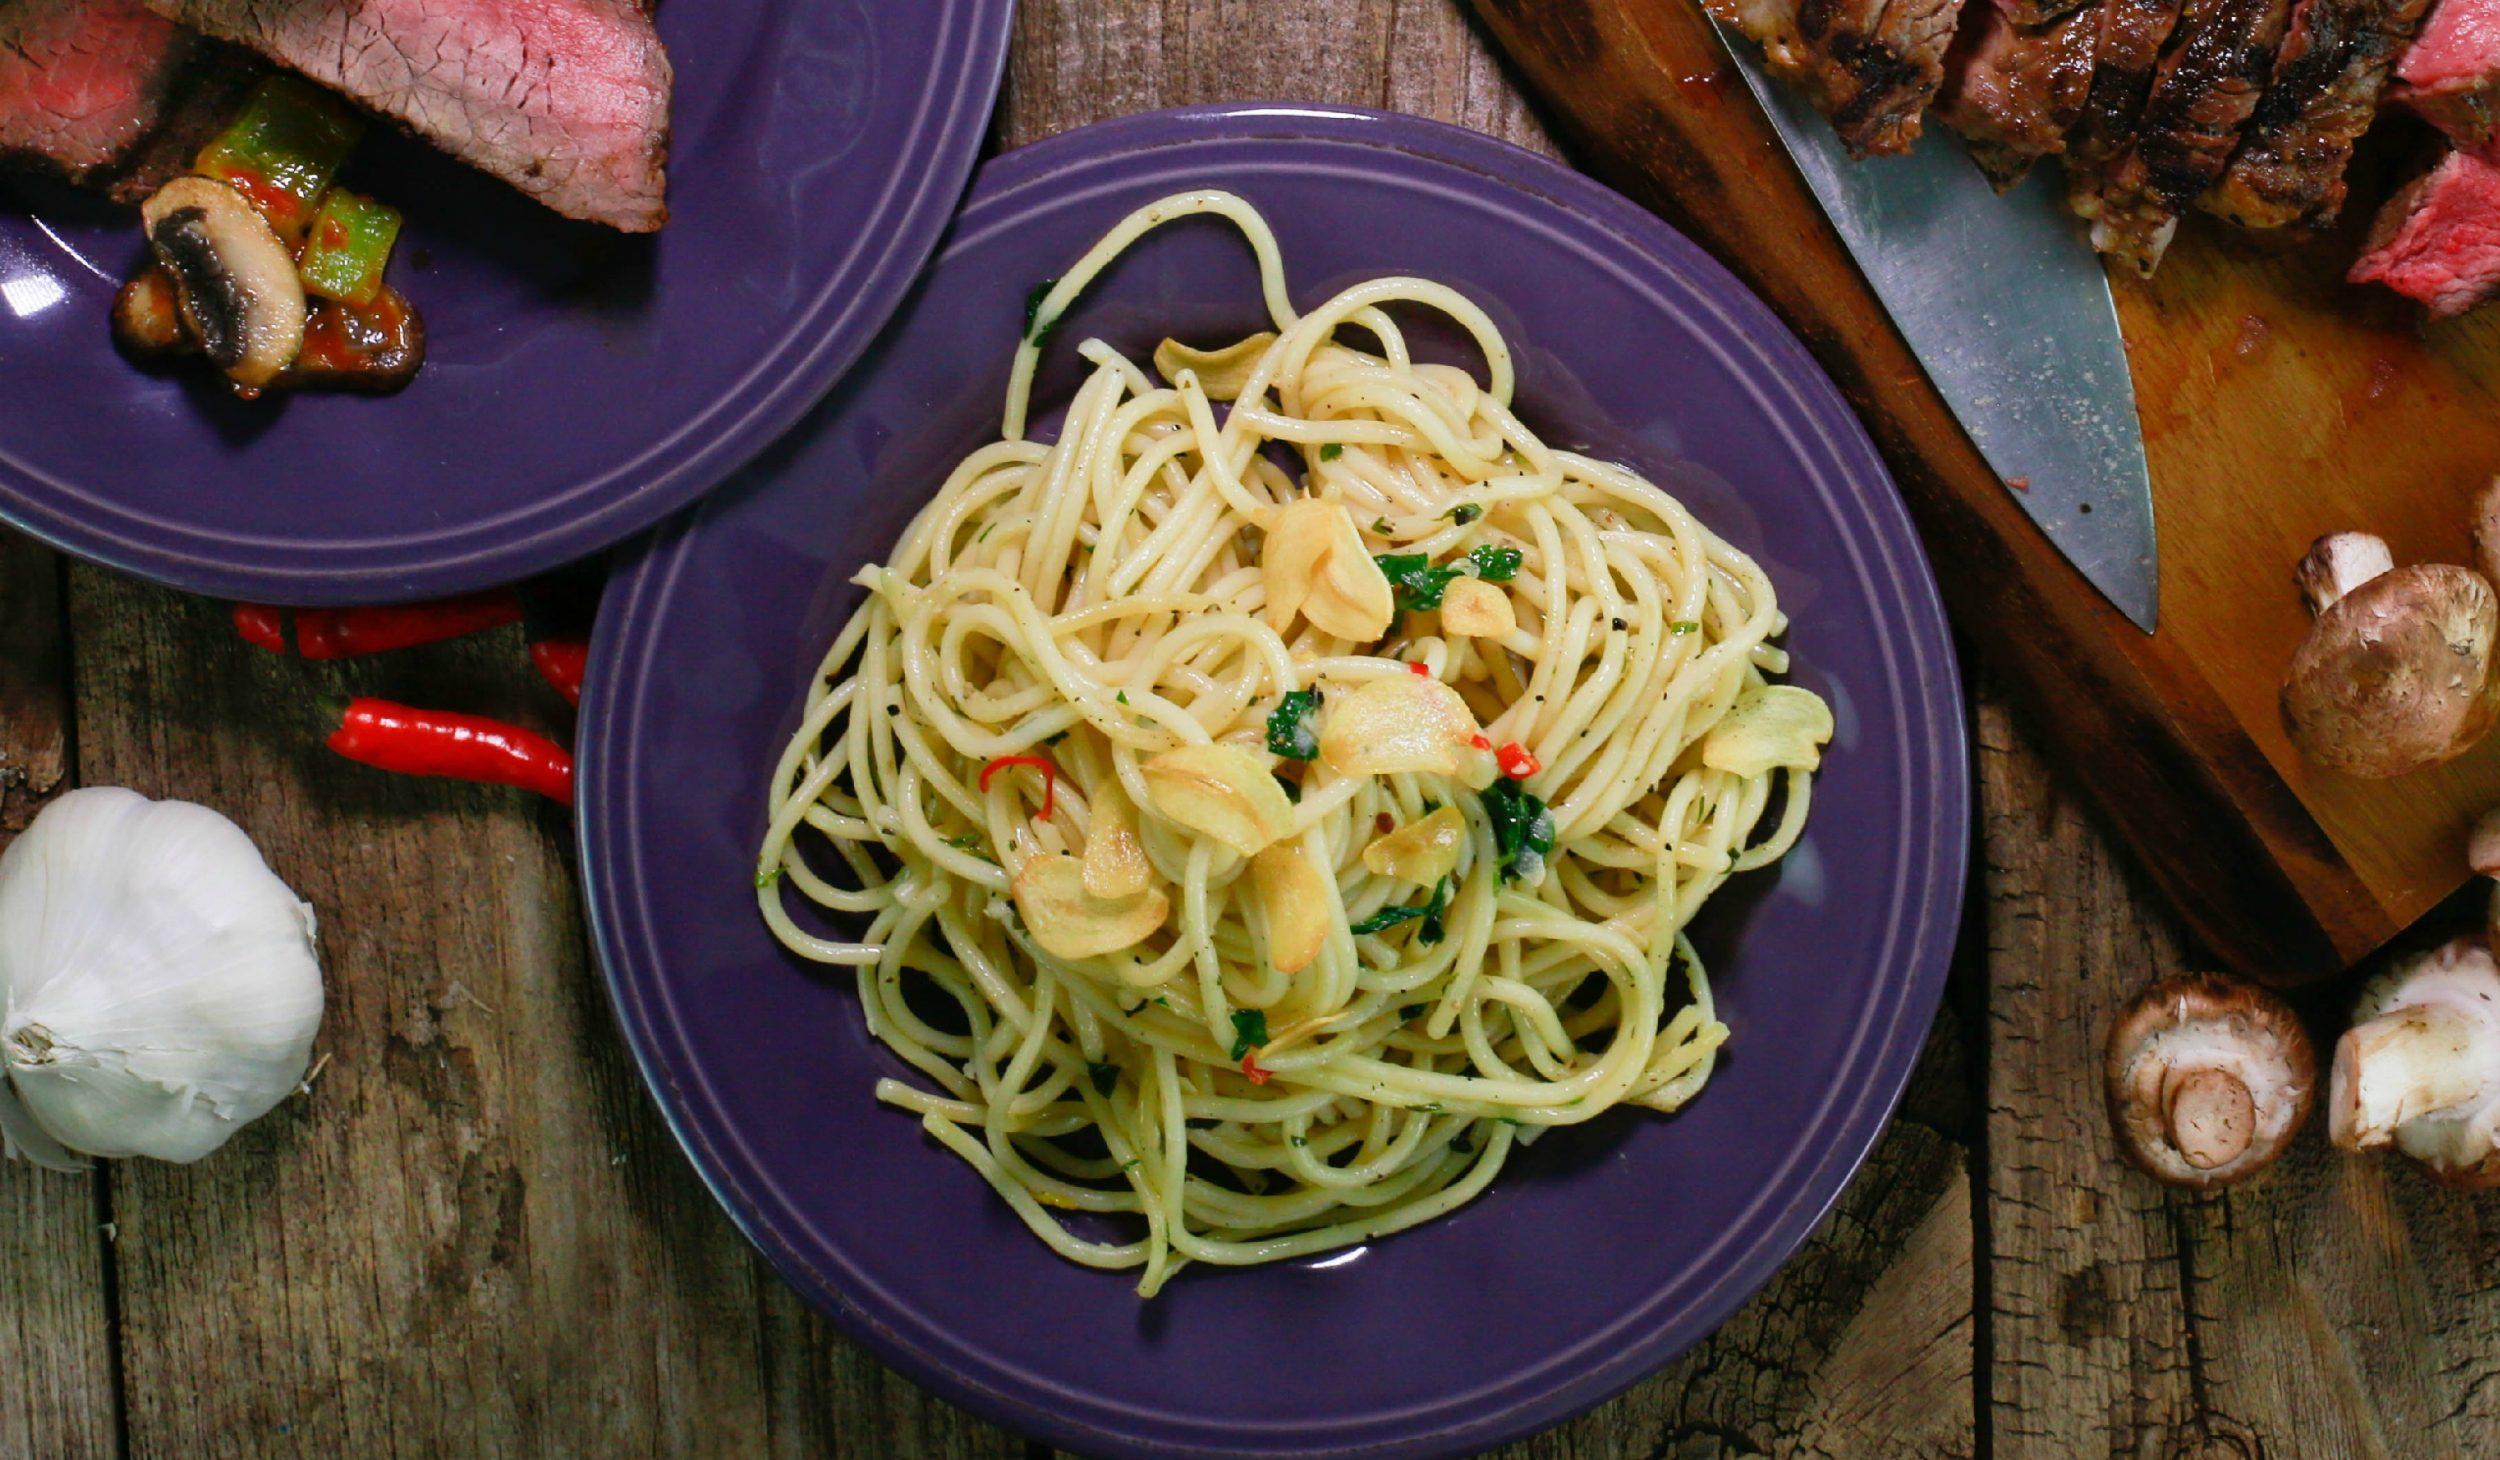 21-Clove Garlic Spaghetti